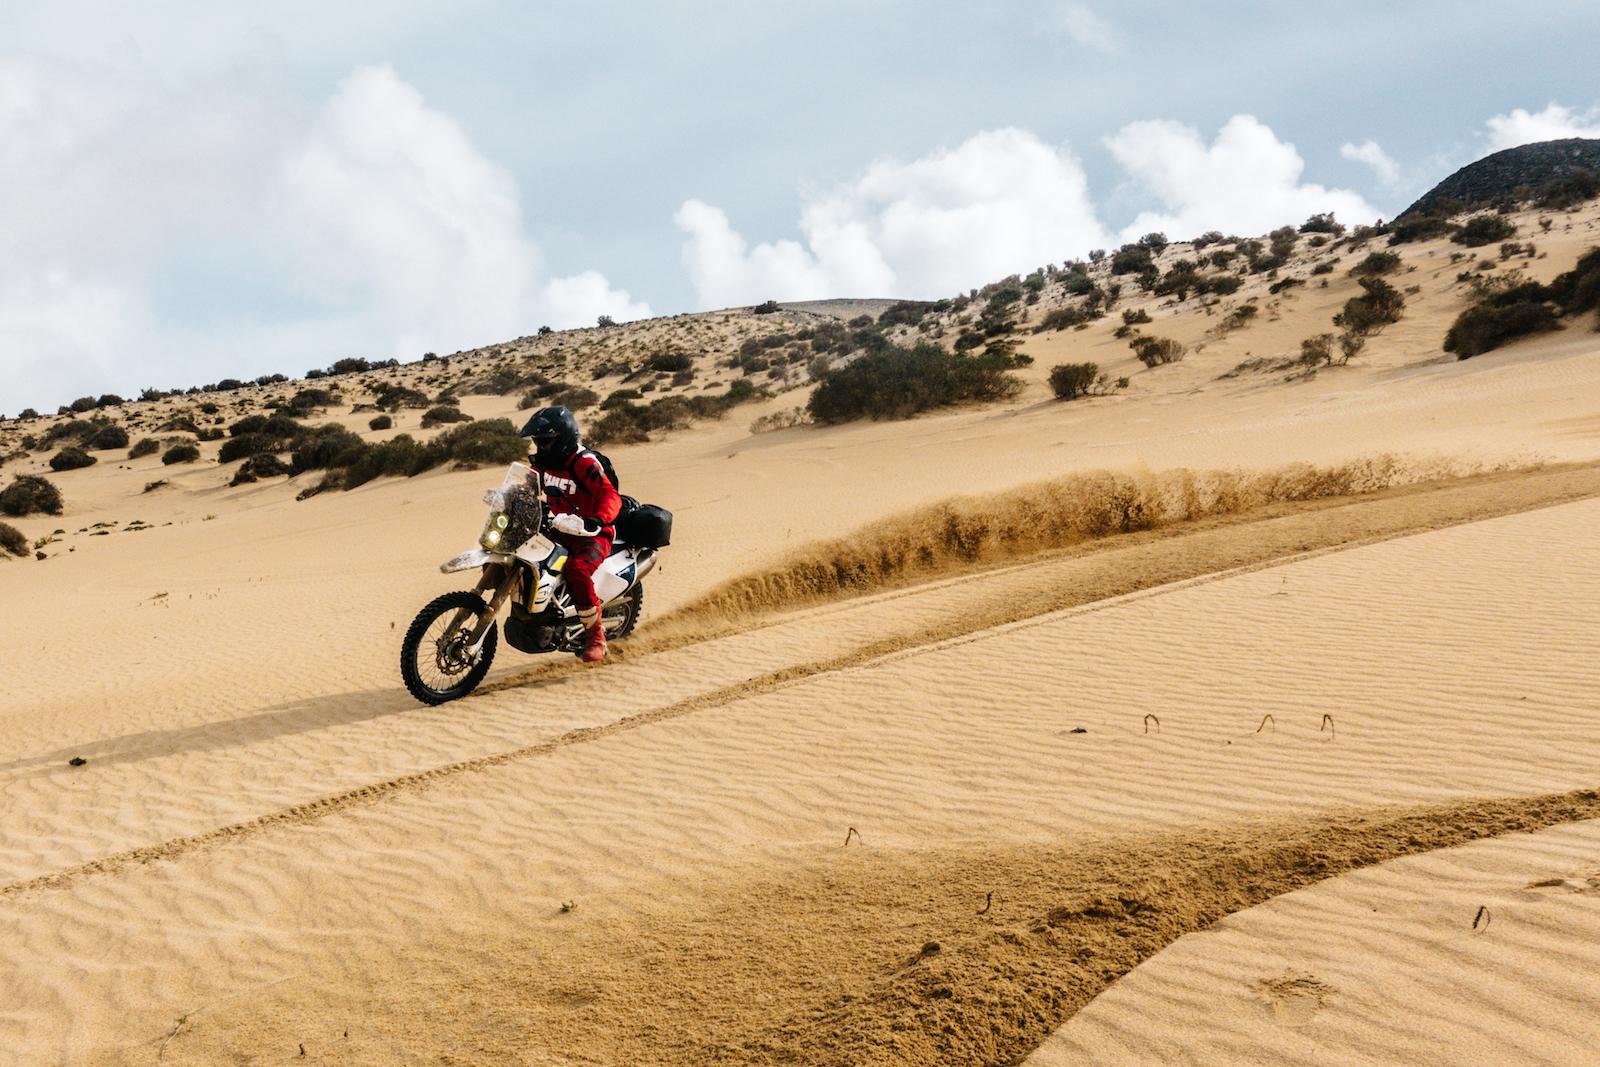 Závod v poušti na enduro motocyklu KTM